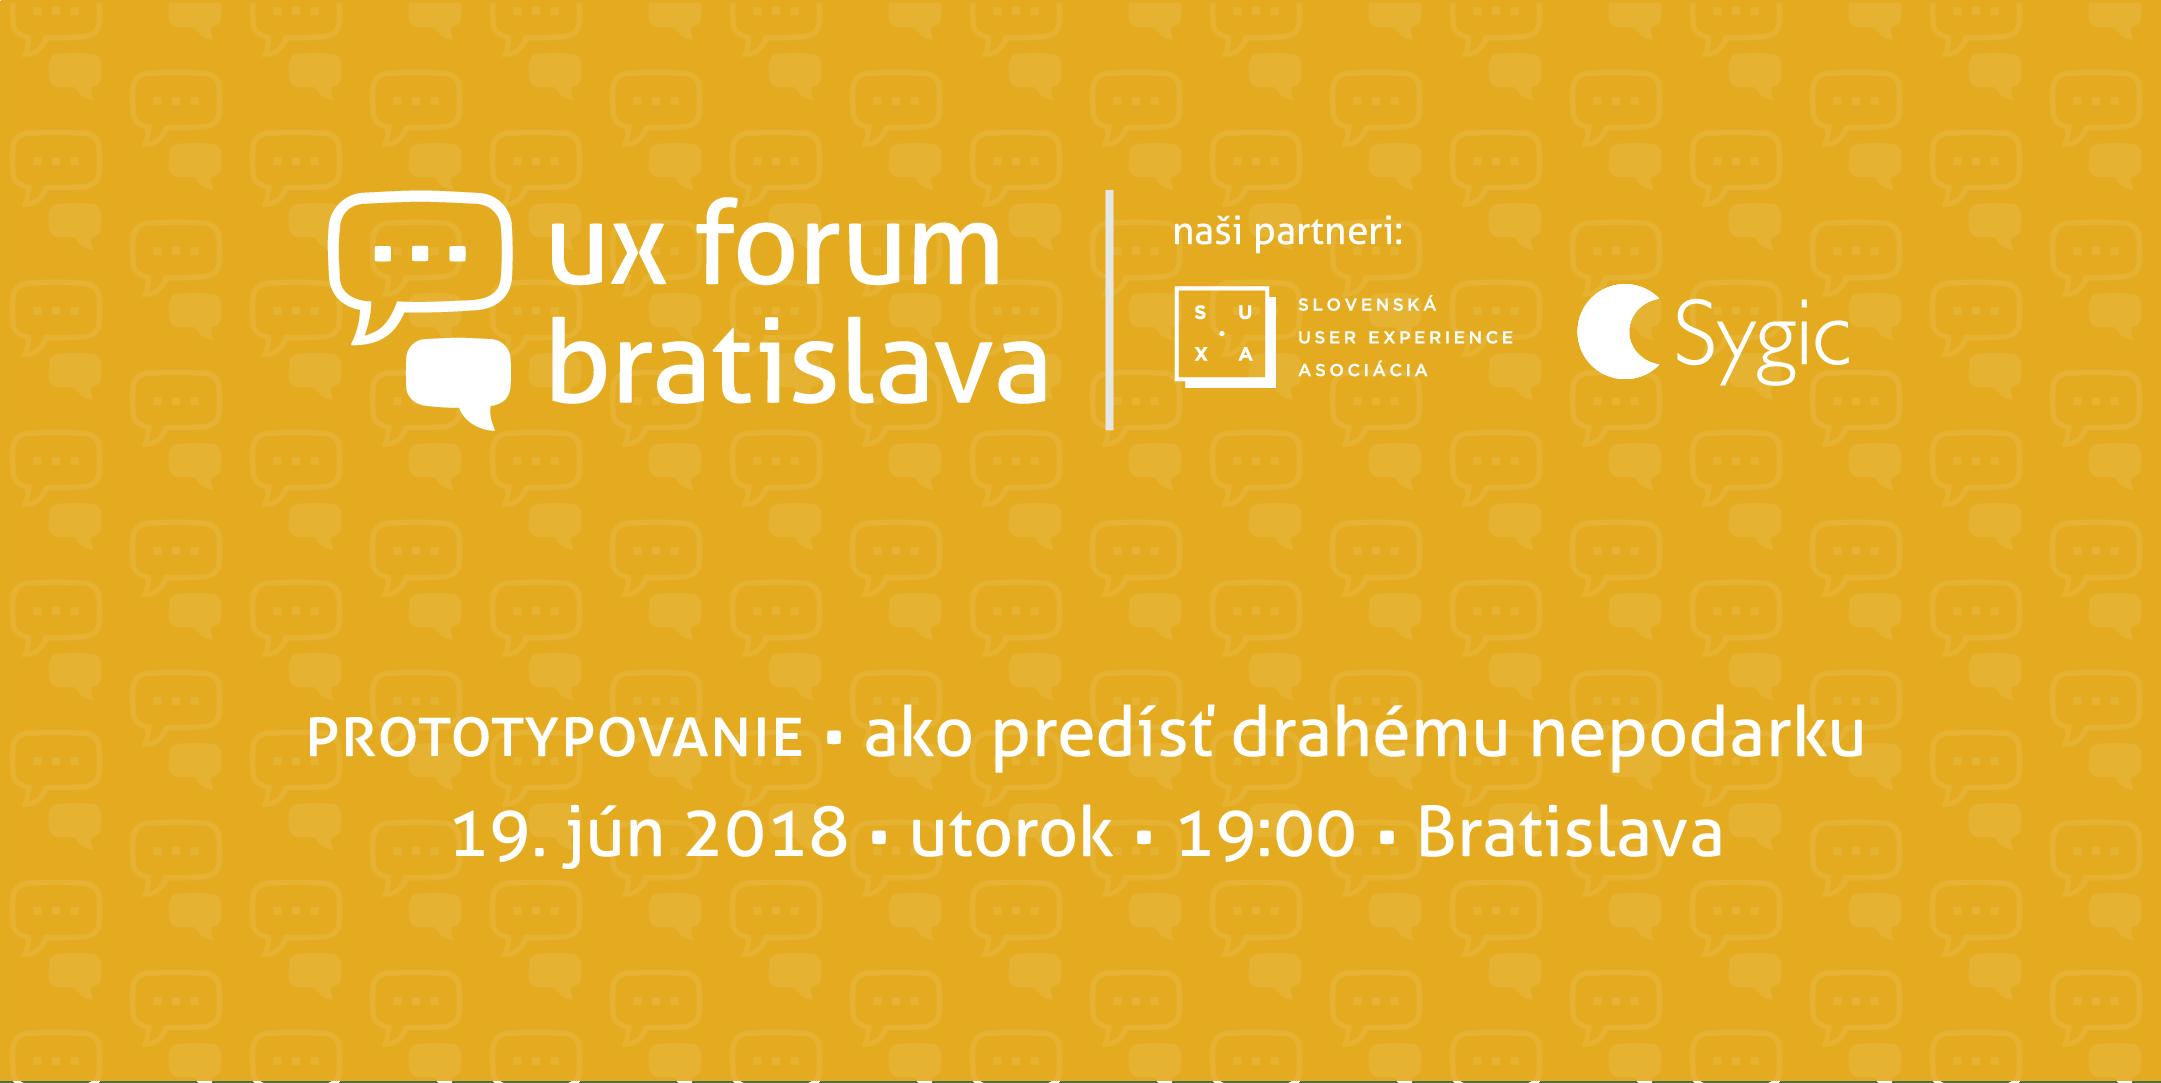 Prototypovanie: ako predísť drahému nepodarku - 19 JUN 2018